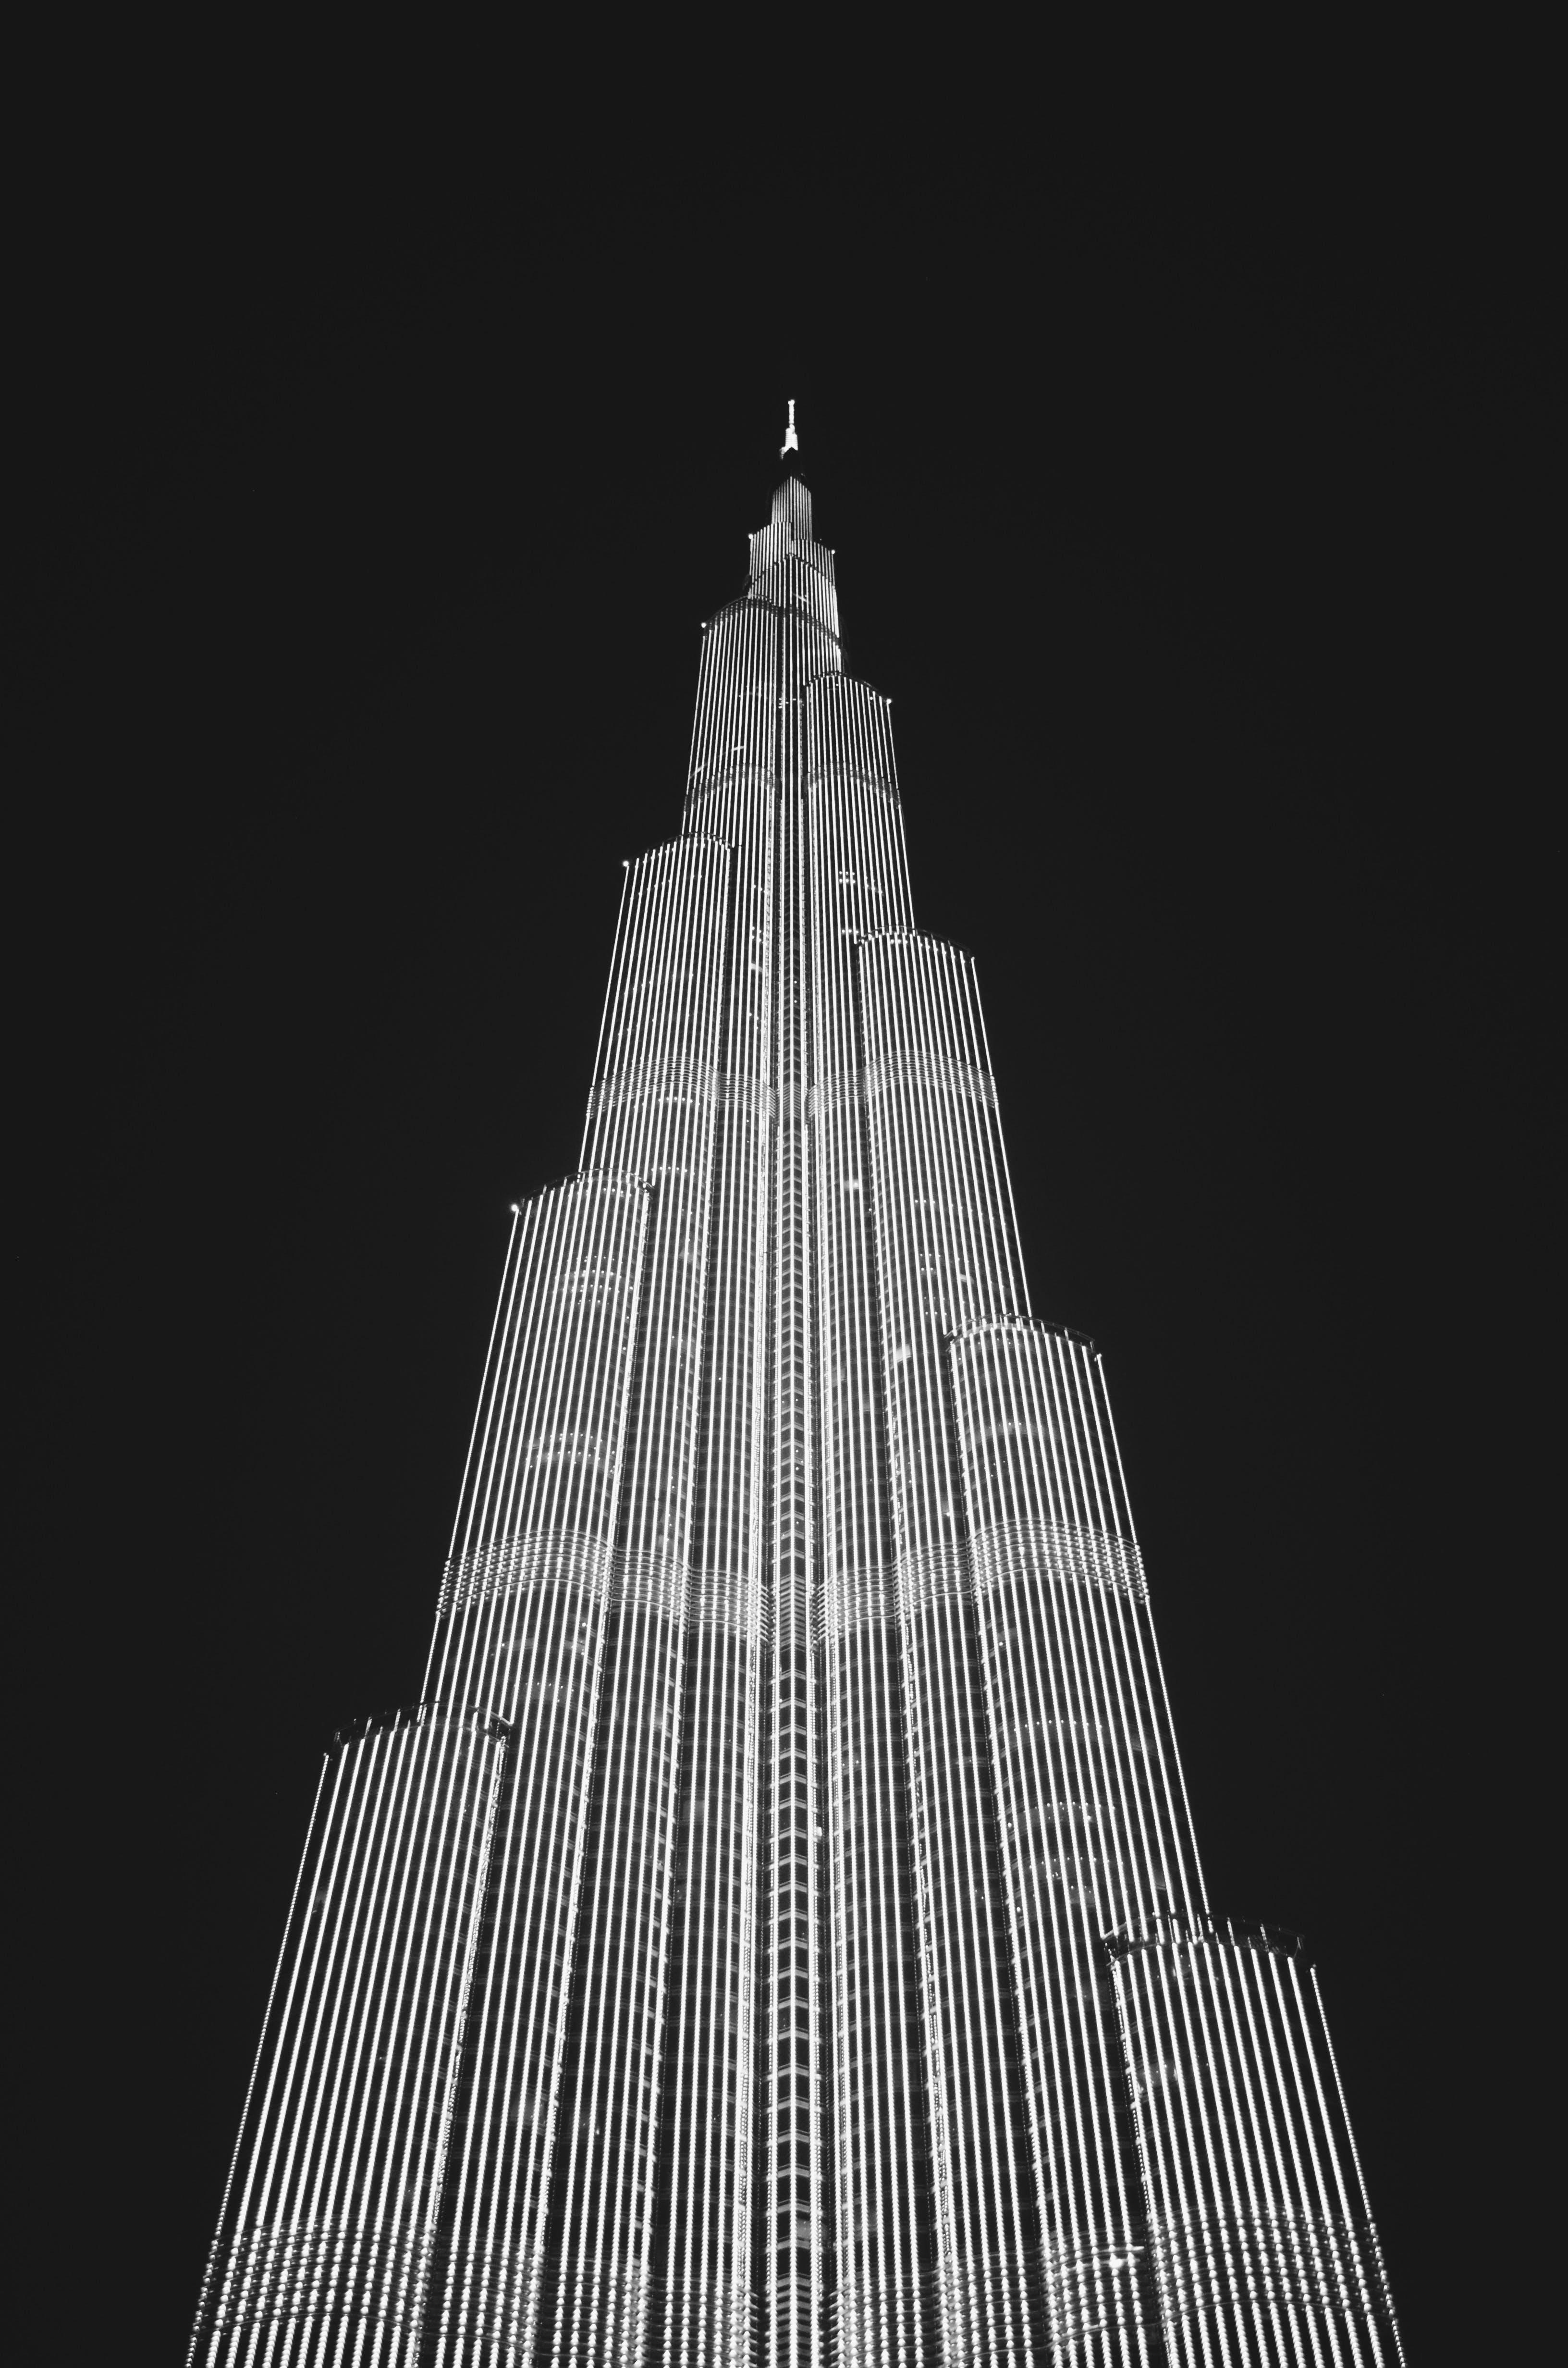 Kostenloses Stock Foto zu architektur, aufnahme von unten, außen, burj khalifa